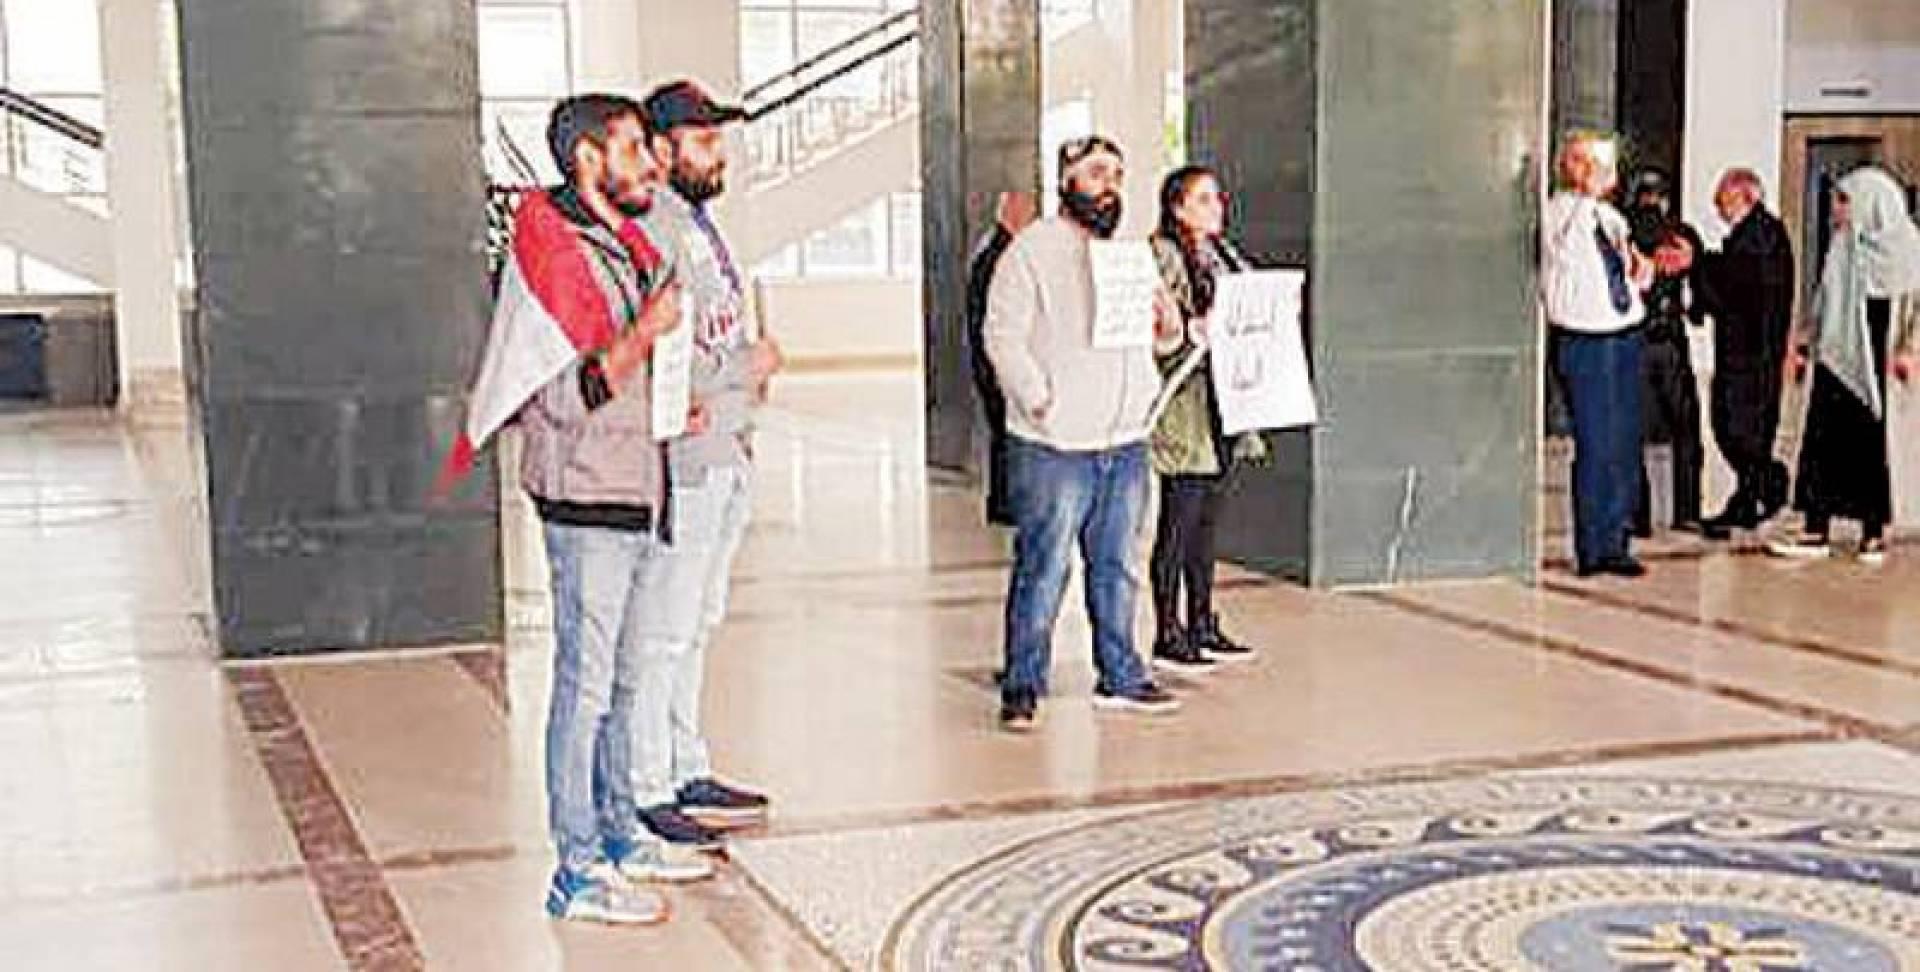 دخول عدد من المحتجين قصر العدل في بيروت للمطالبة بفتح تحقيقات في عدد من ملفات الفساد